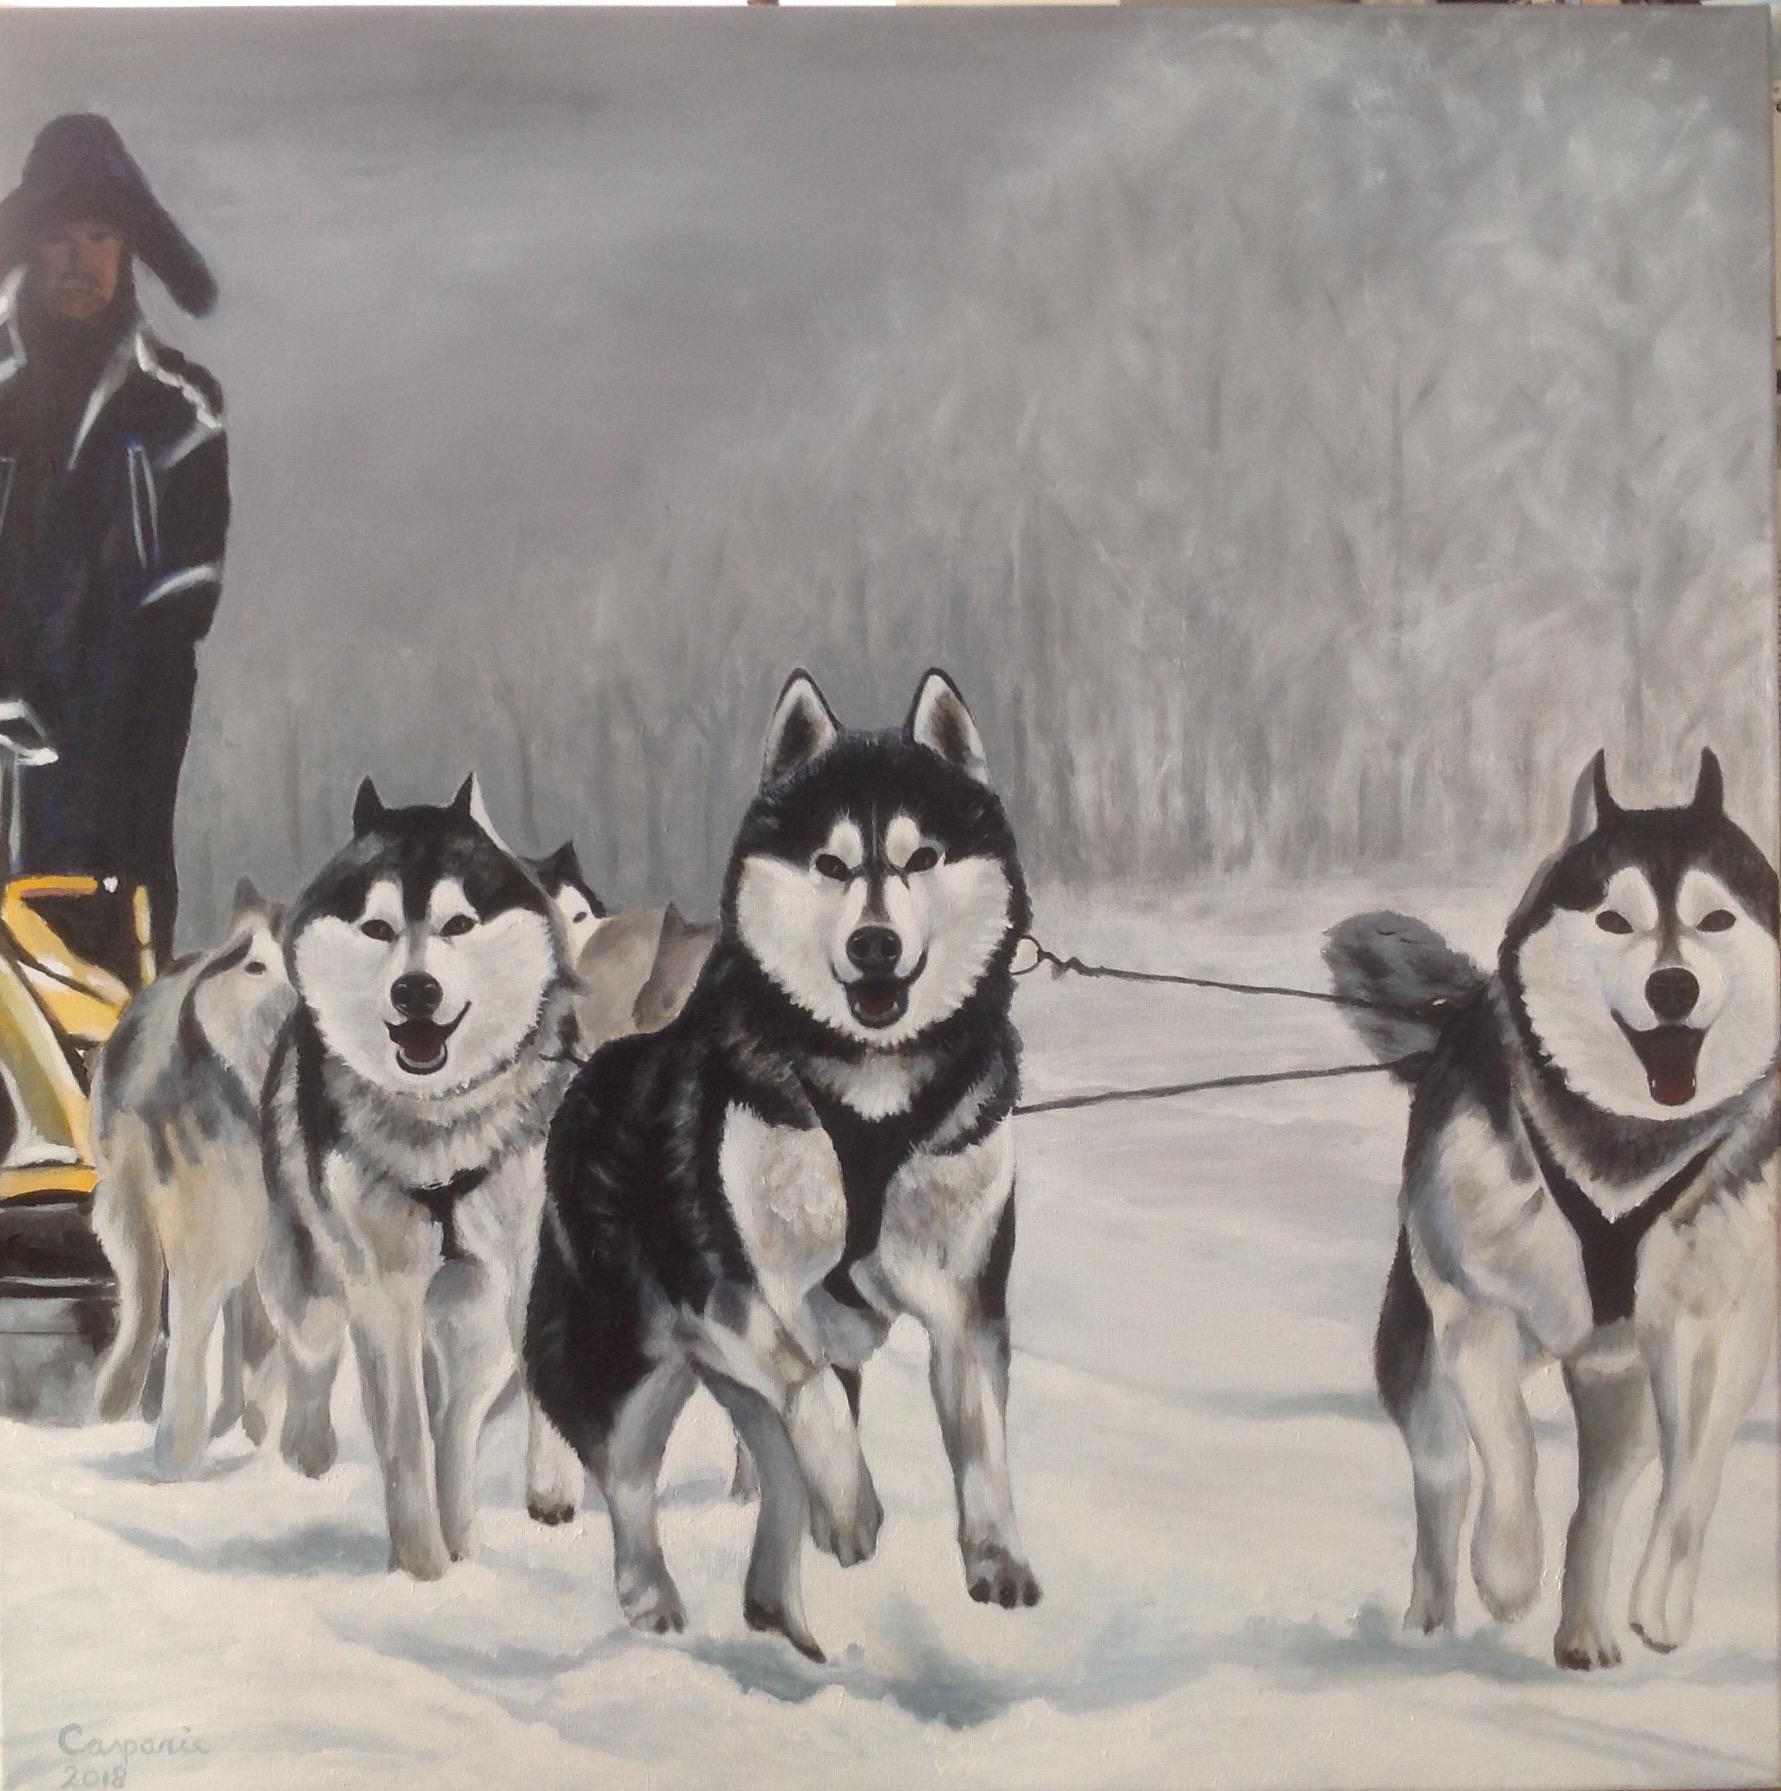 Sledehonden, acryl op linnen, 100 x 100 cm.